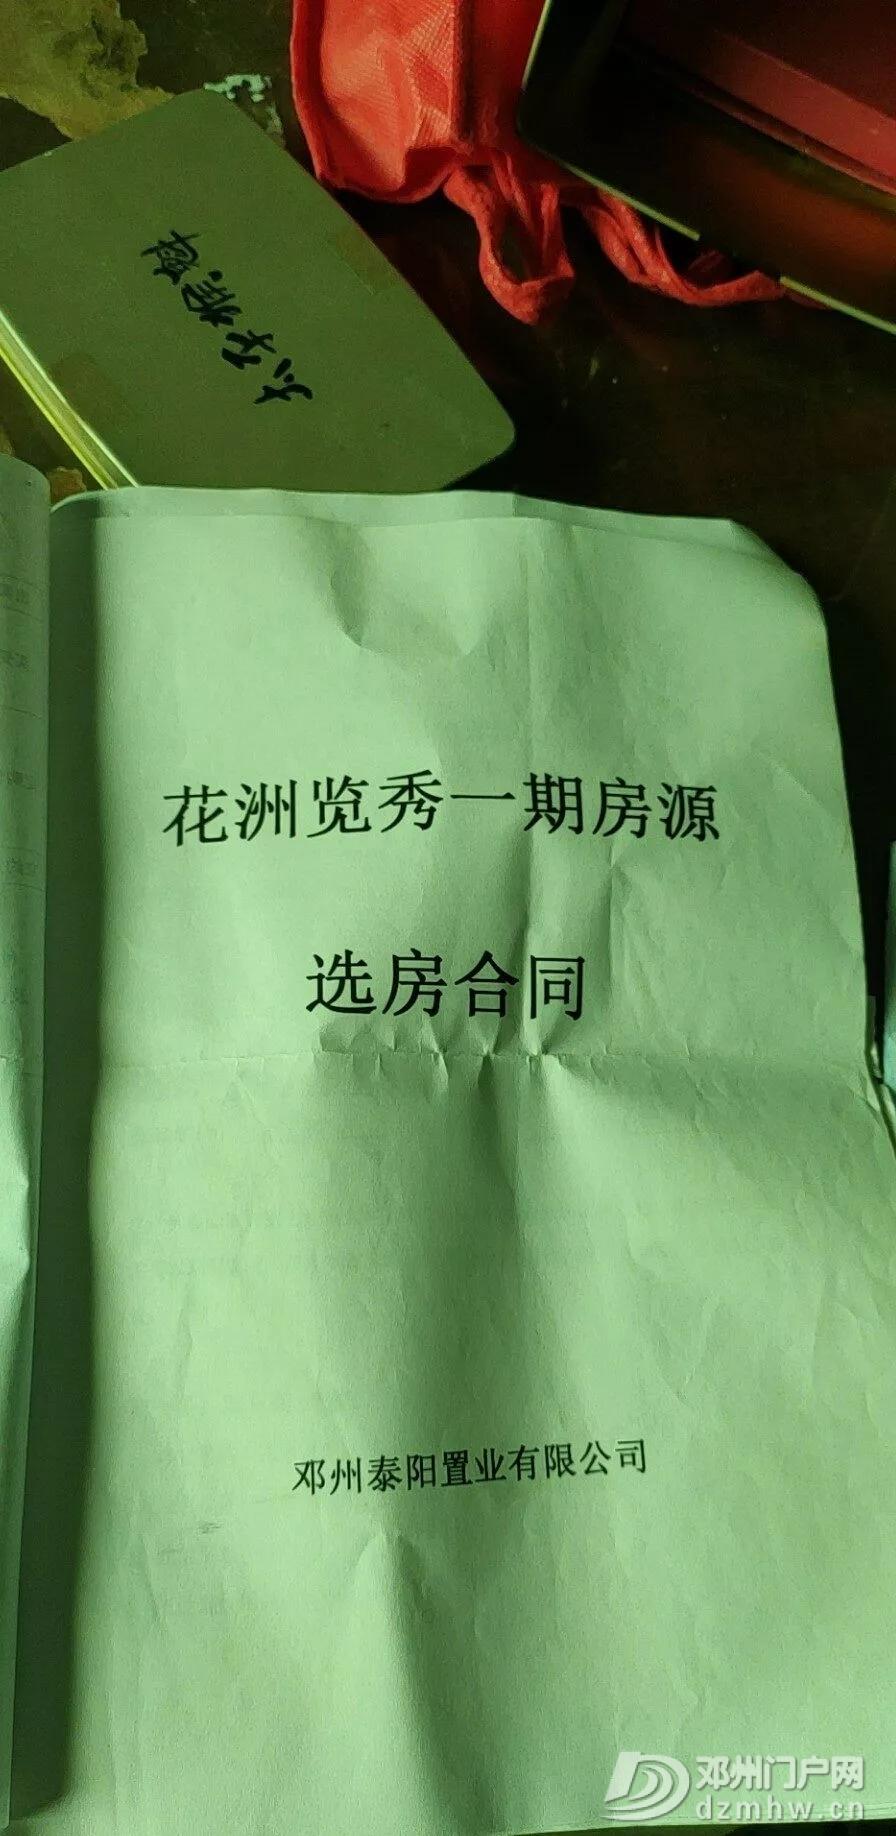 邓州的几大等待政府处理的民生问题 - 邓州门户网|邓州网 - 640.webp7_WPS图片.jpg